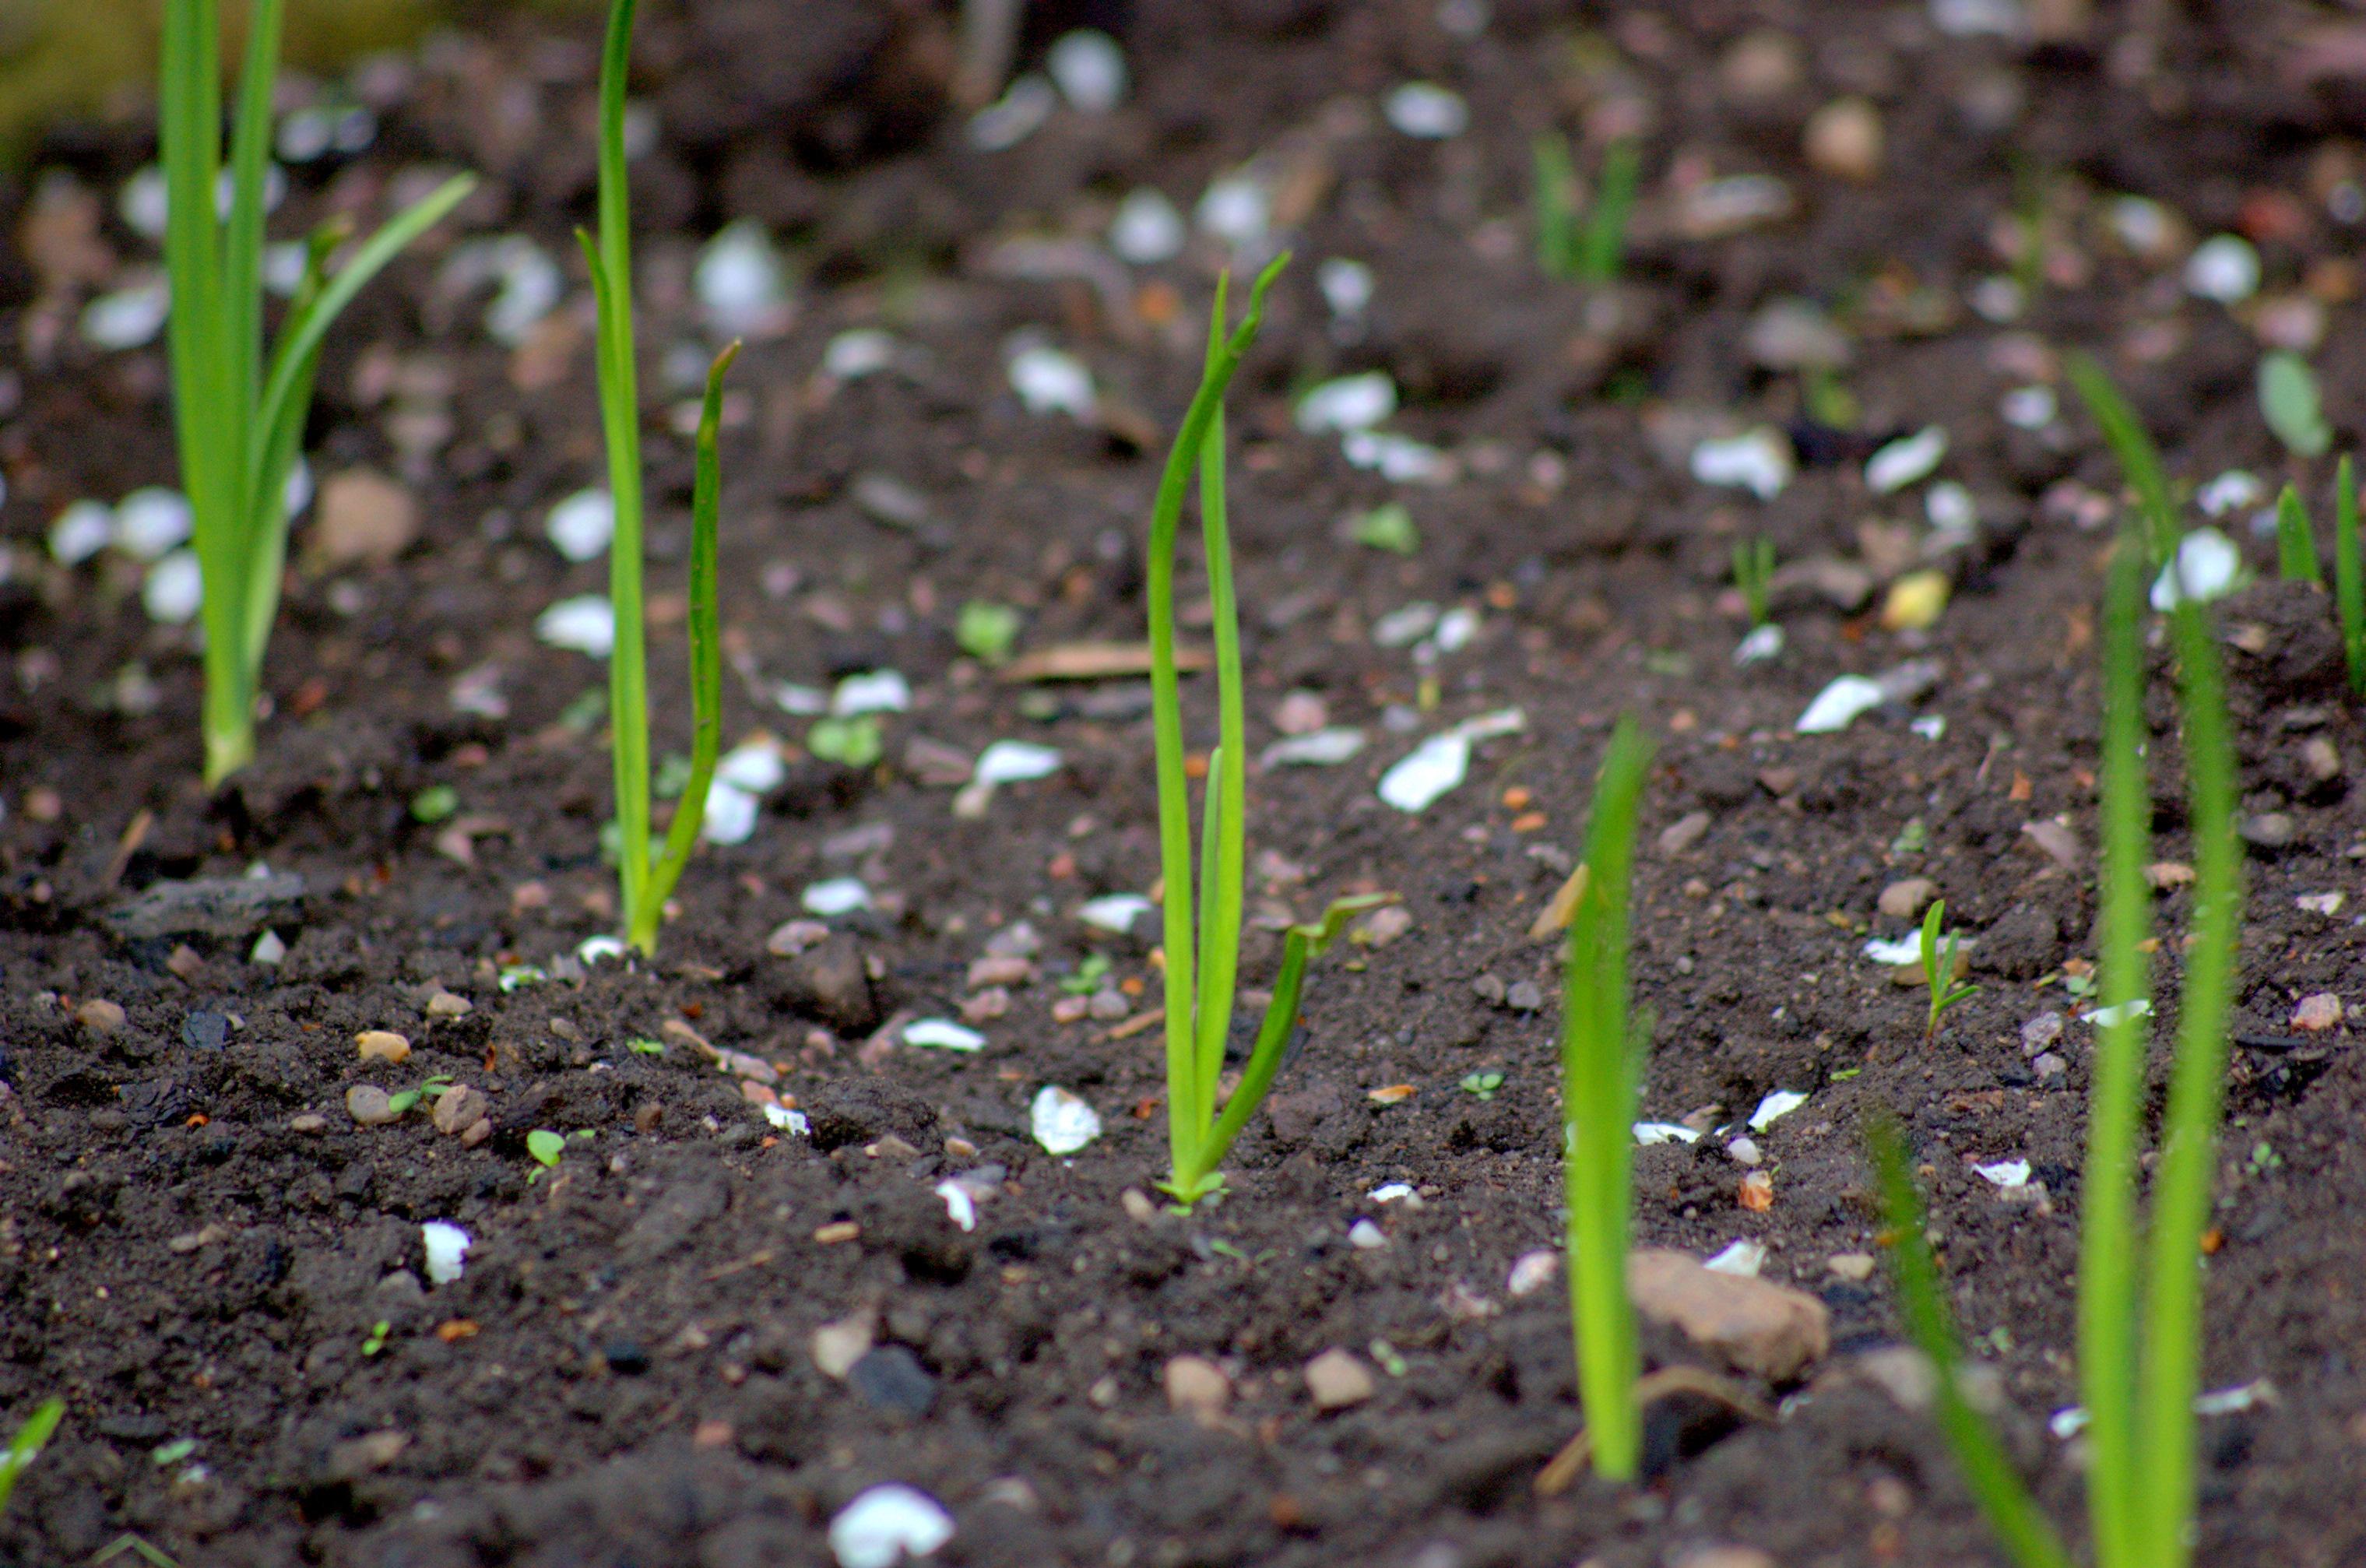 Выращивание репчатого лука из севка. Технология, секреты 31